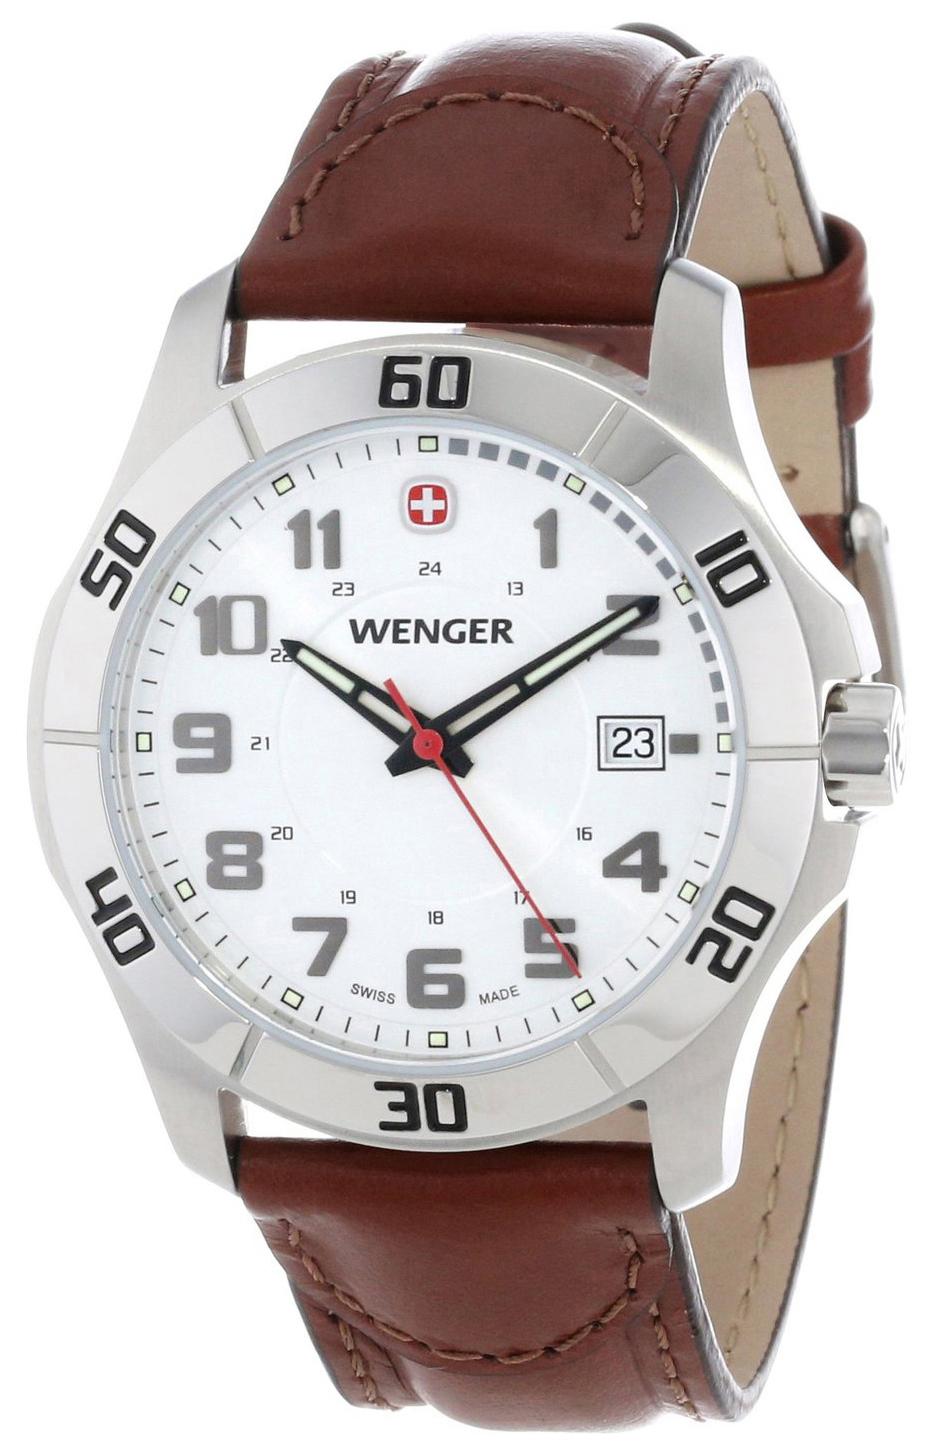 Wenger 99999 Herrklocka 70480 Vit/Läder Ø42 mm - Wenger